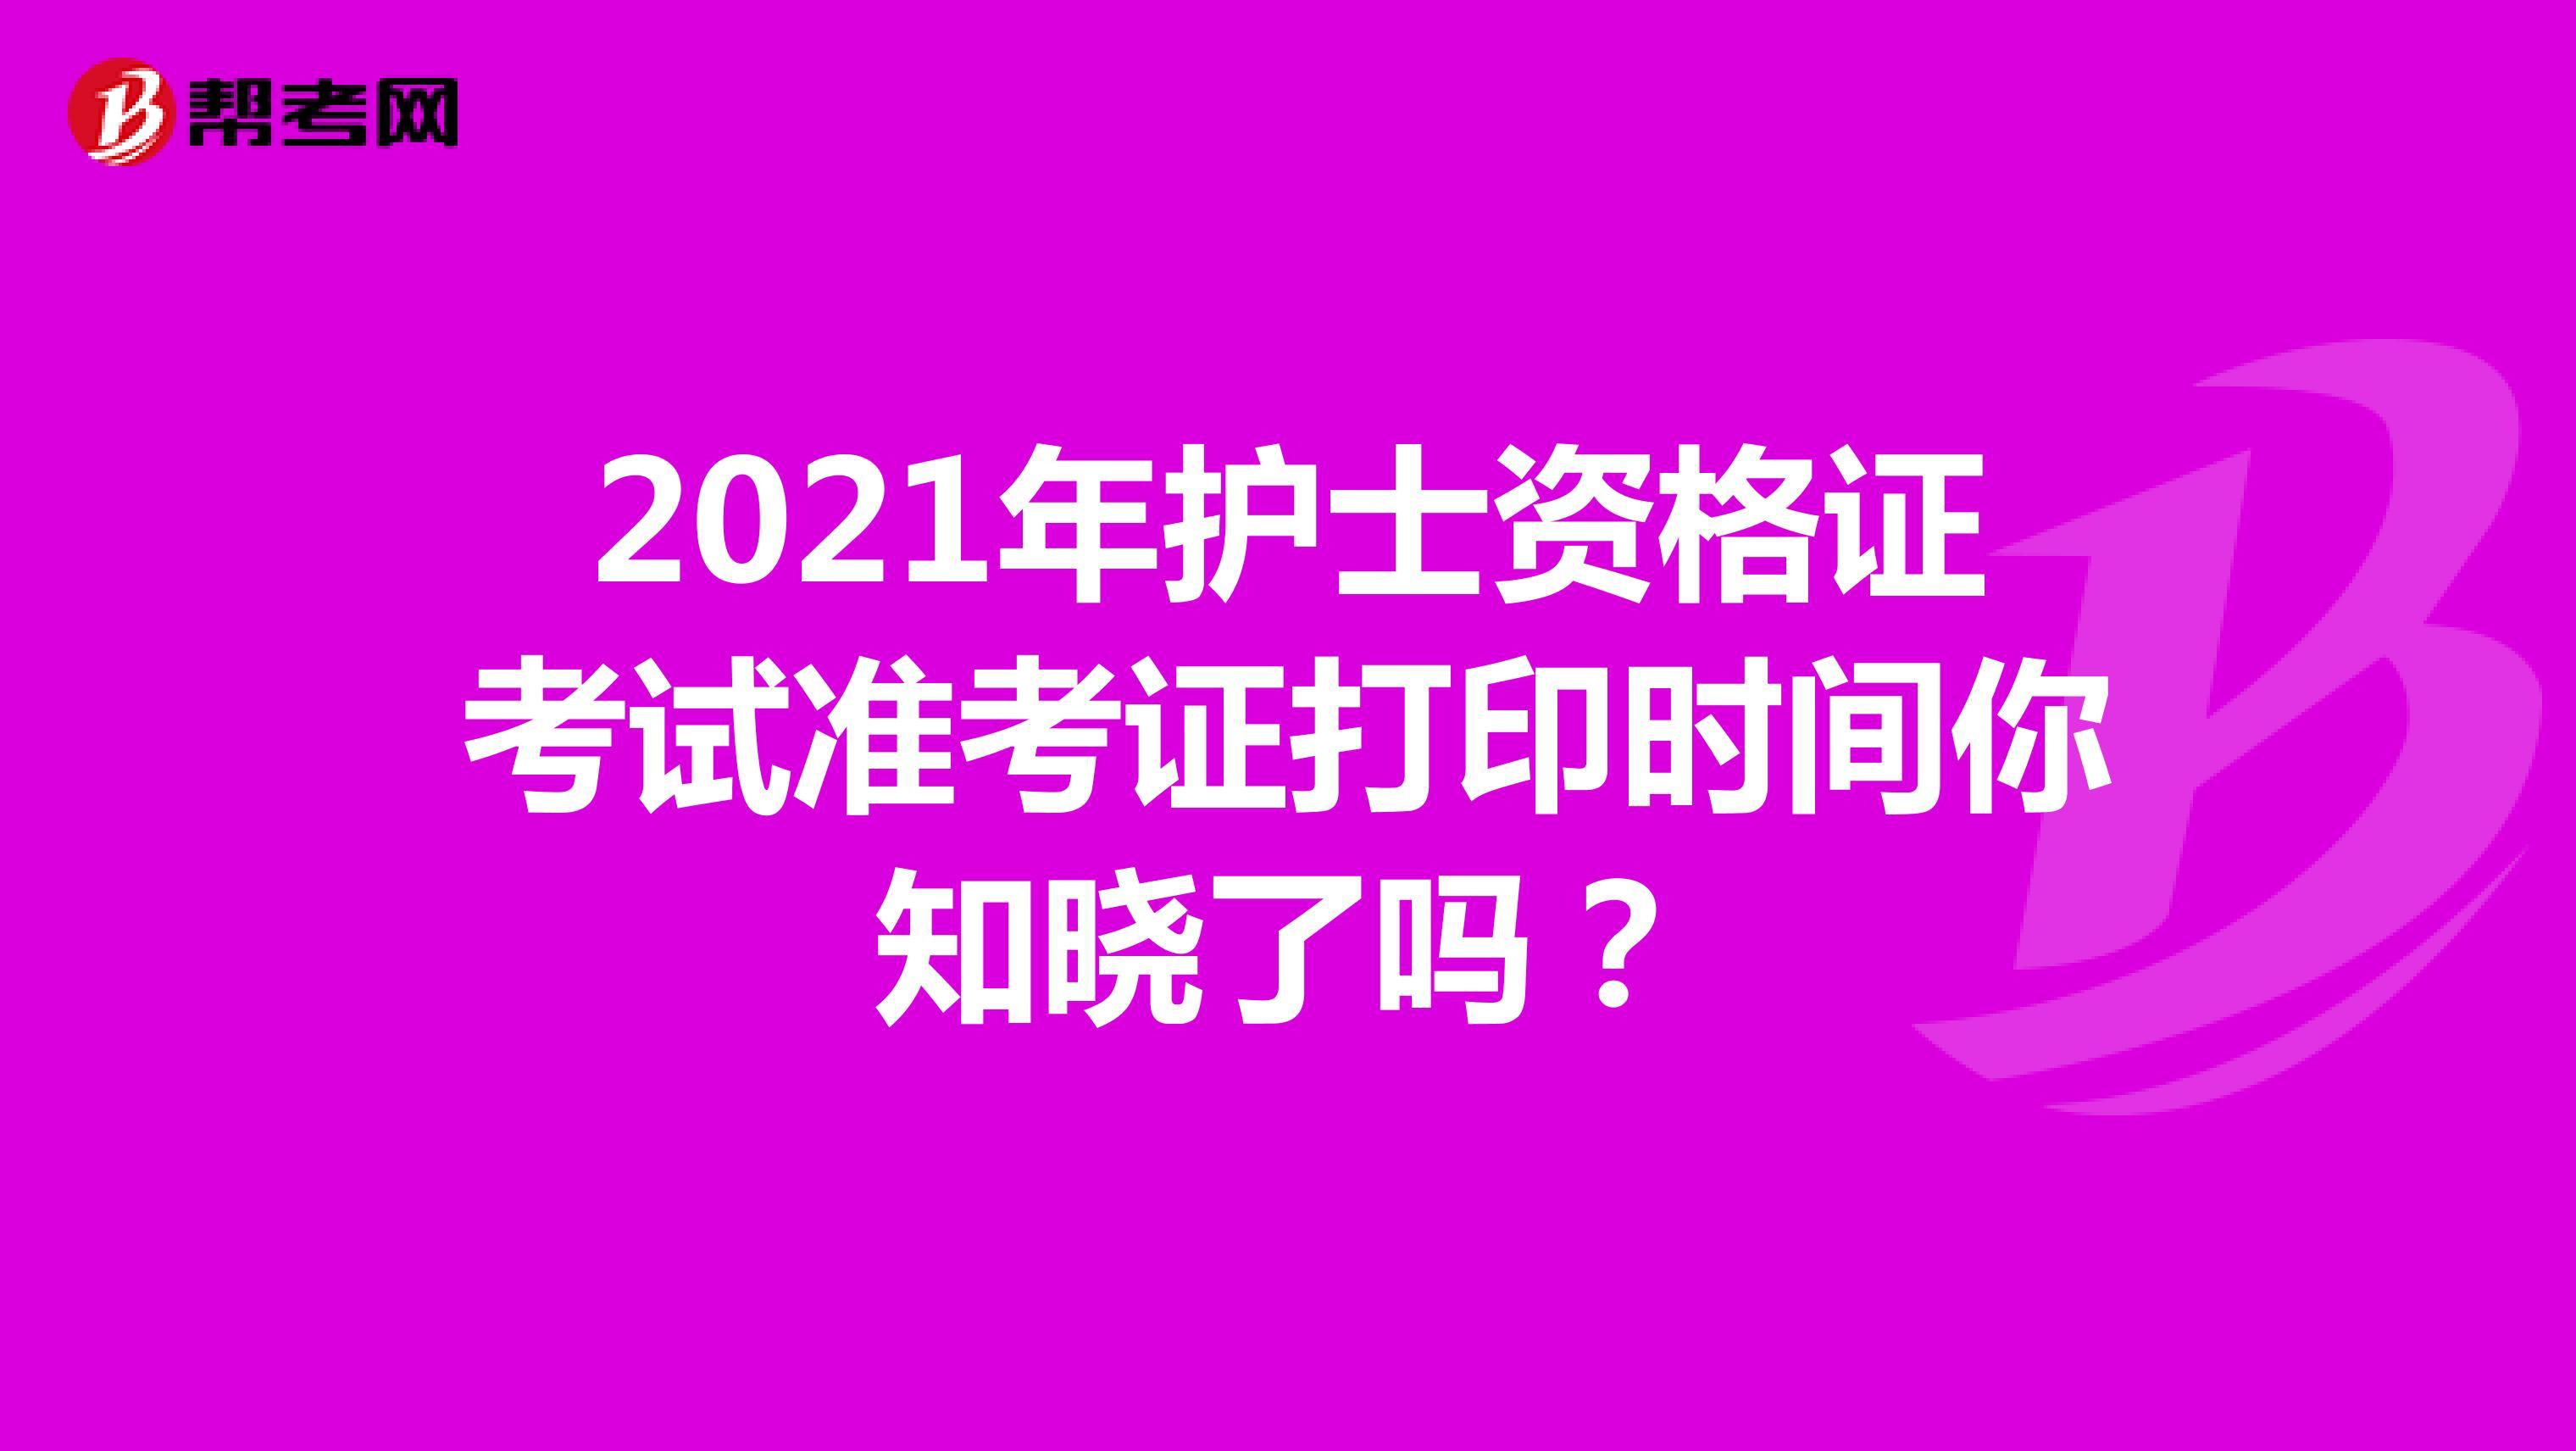 2021年护士资格证考试准考证打印时间你知晓了吗?